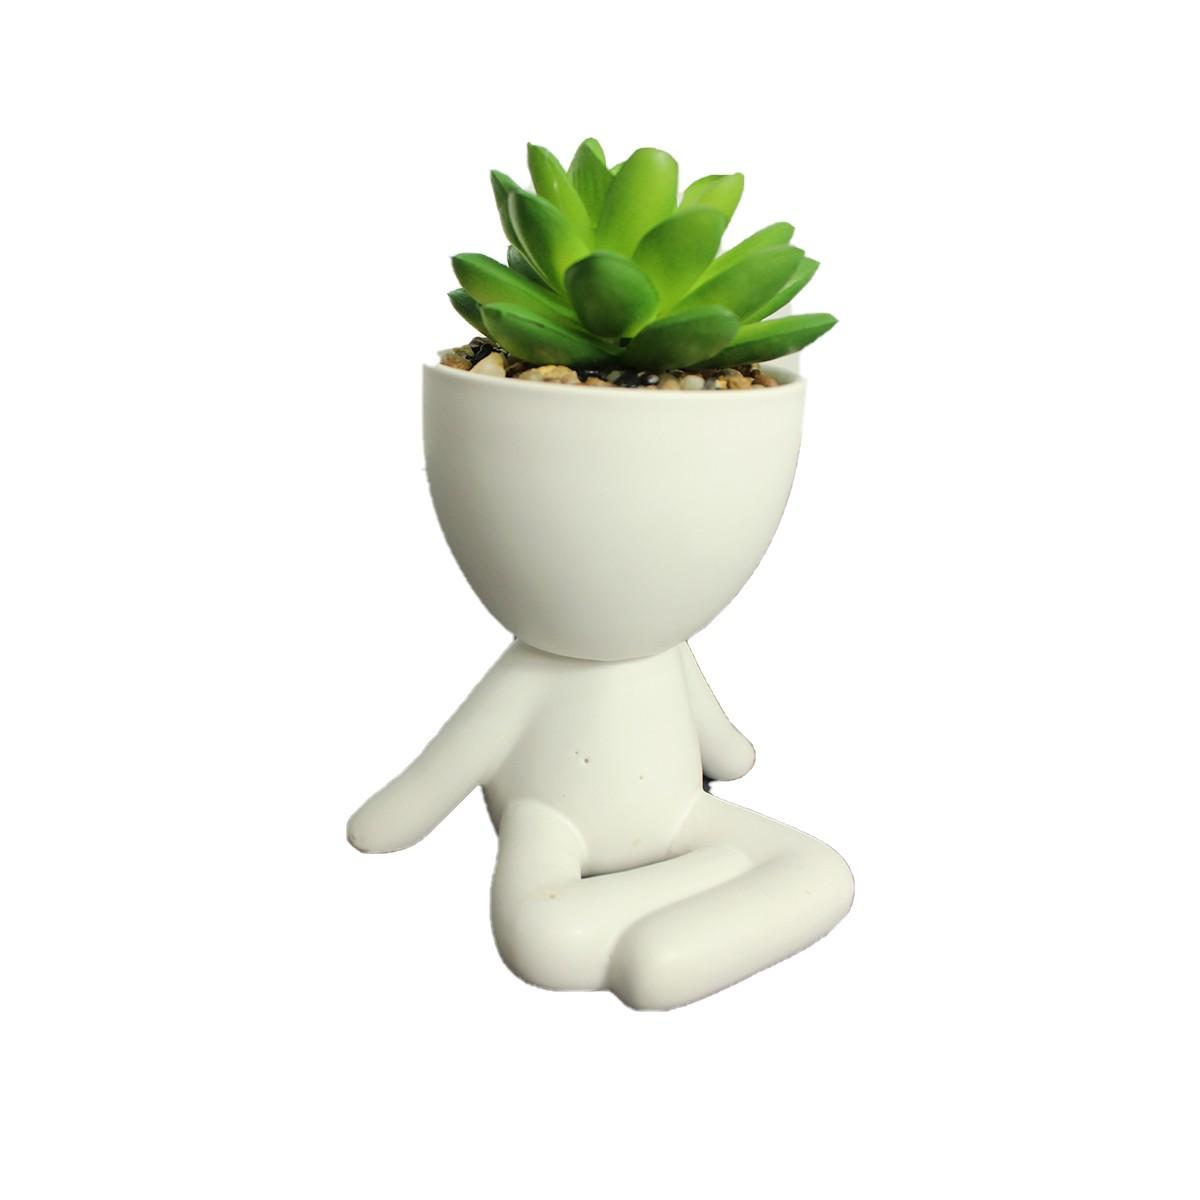 Vaso Cerâmica Suculenta RobertPlant Pernas Cruzadas Branco  - Shop Ud